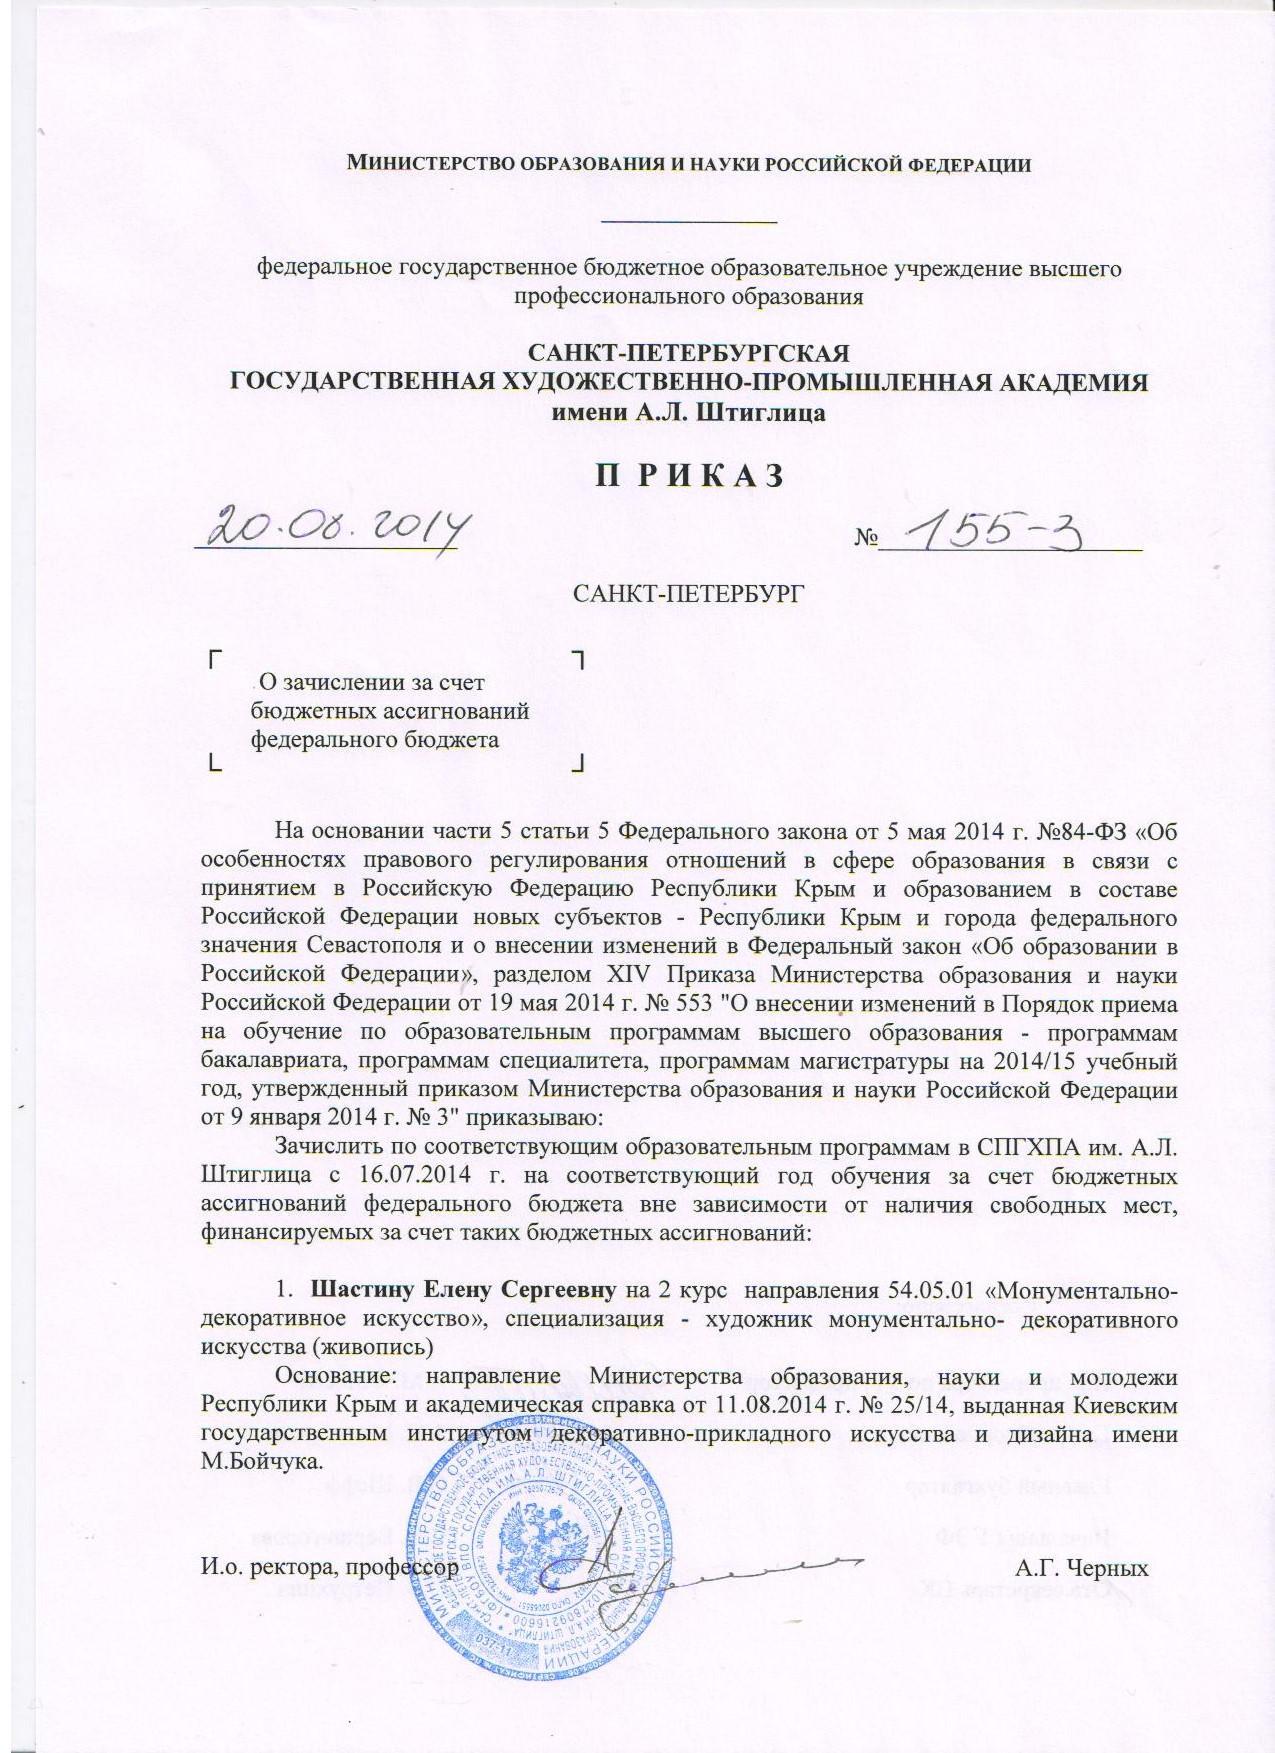 бланк заявления для поступления в вуз 2013